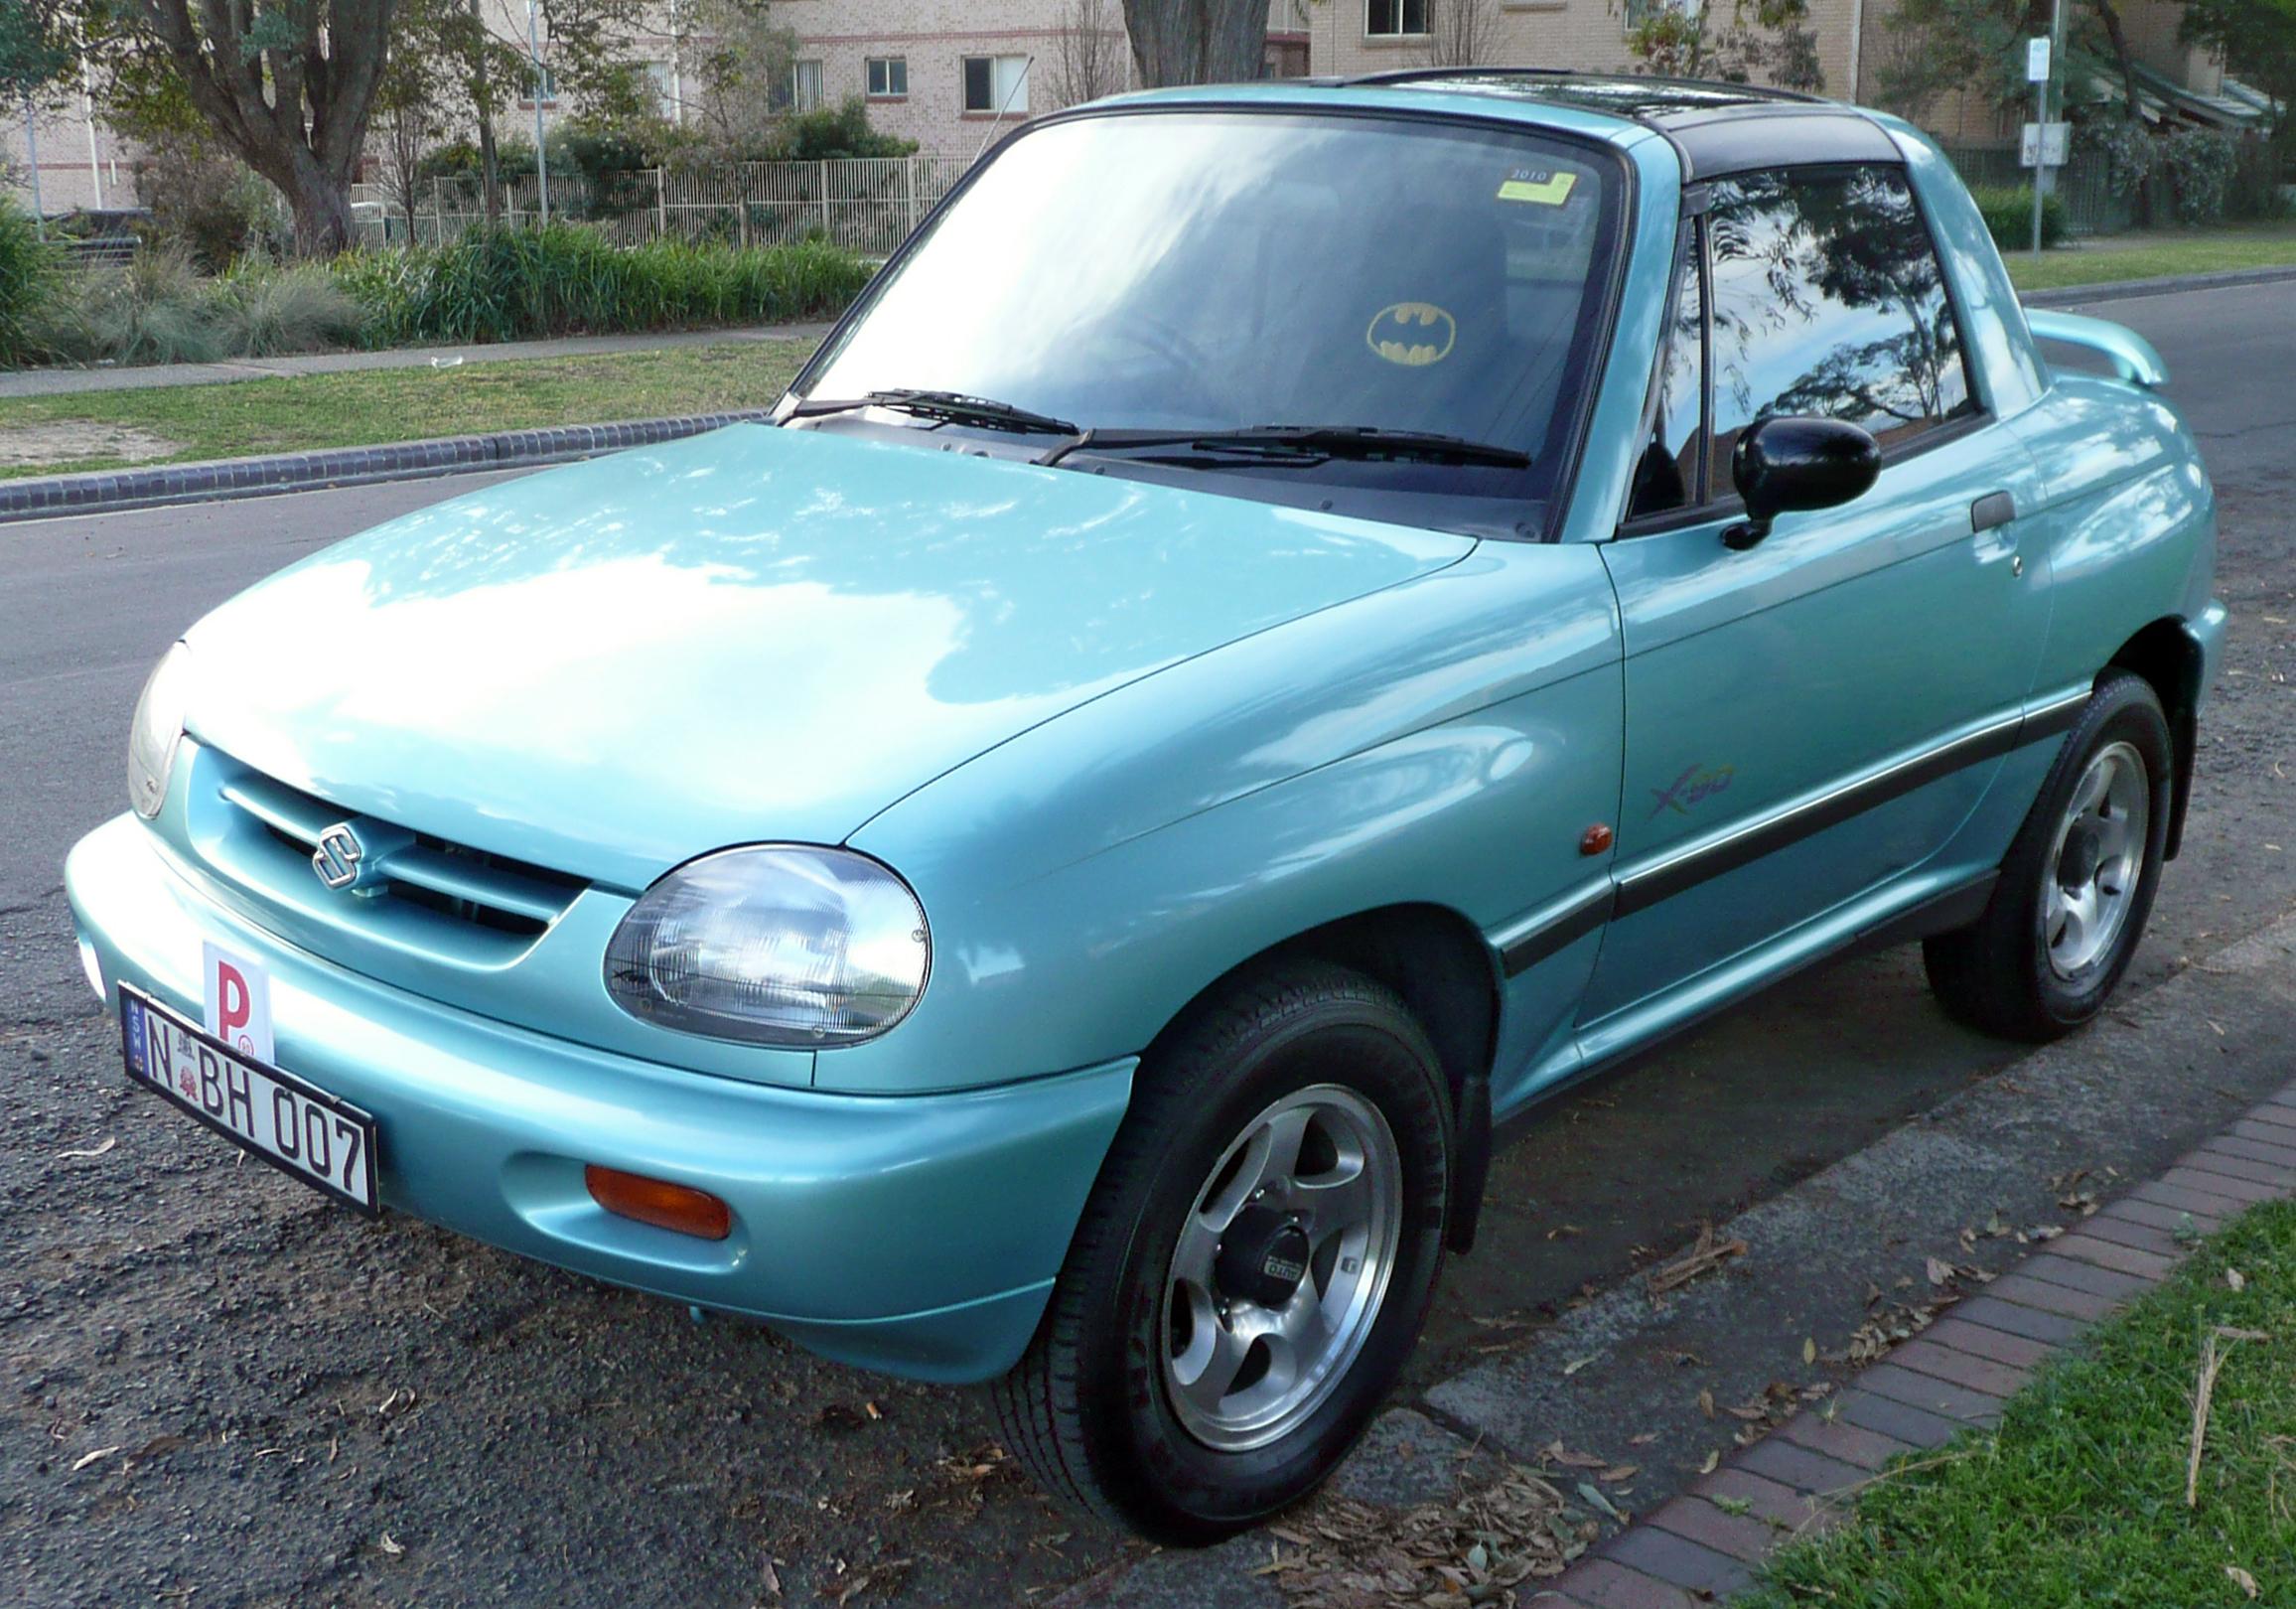 Suzuki Swift Gearbox For Sale